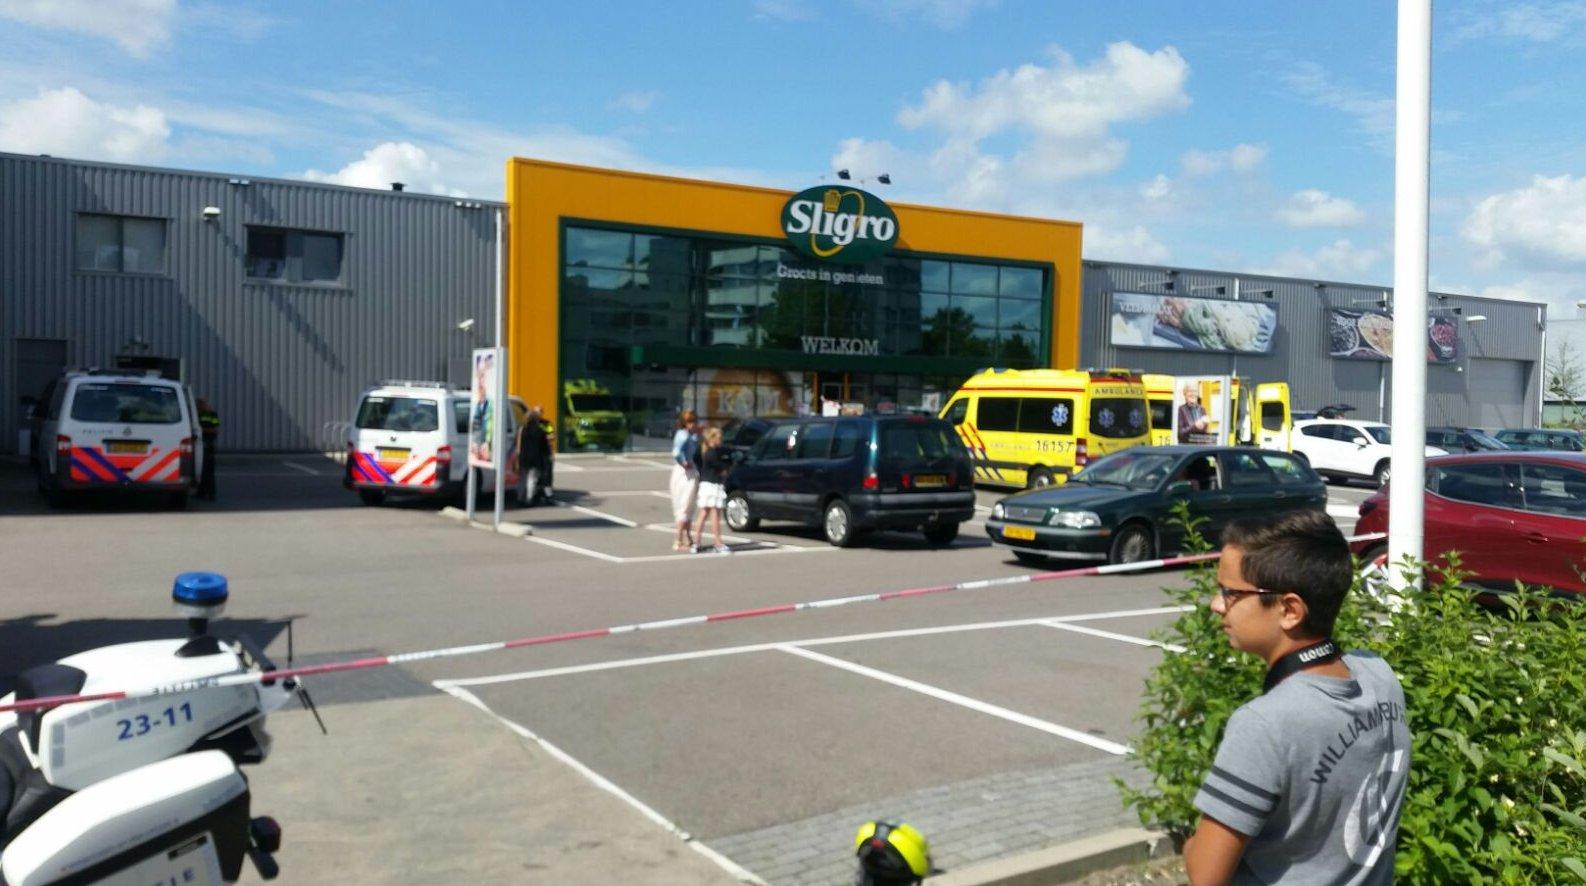 Gewonde bij poging tot winkeldiefstal bij Sligro